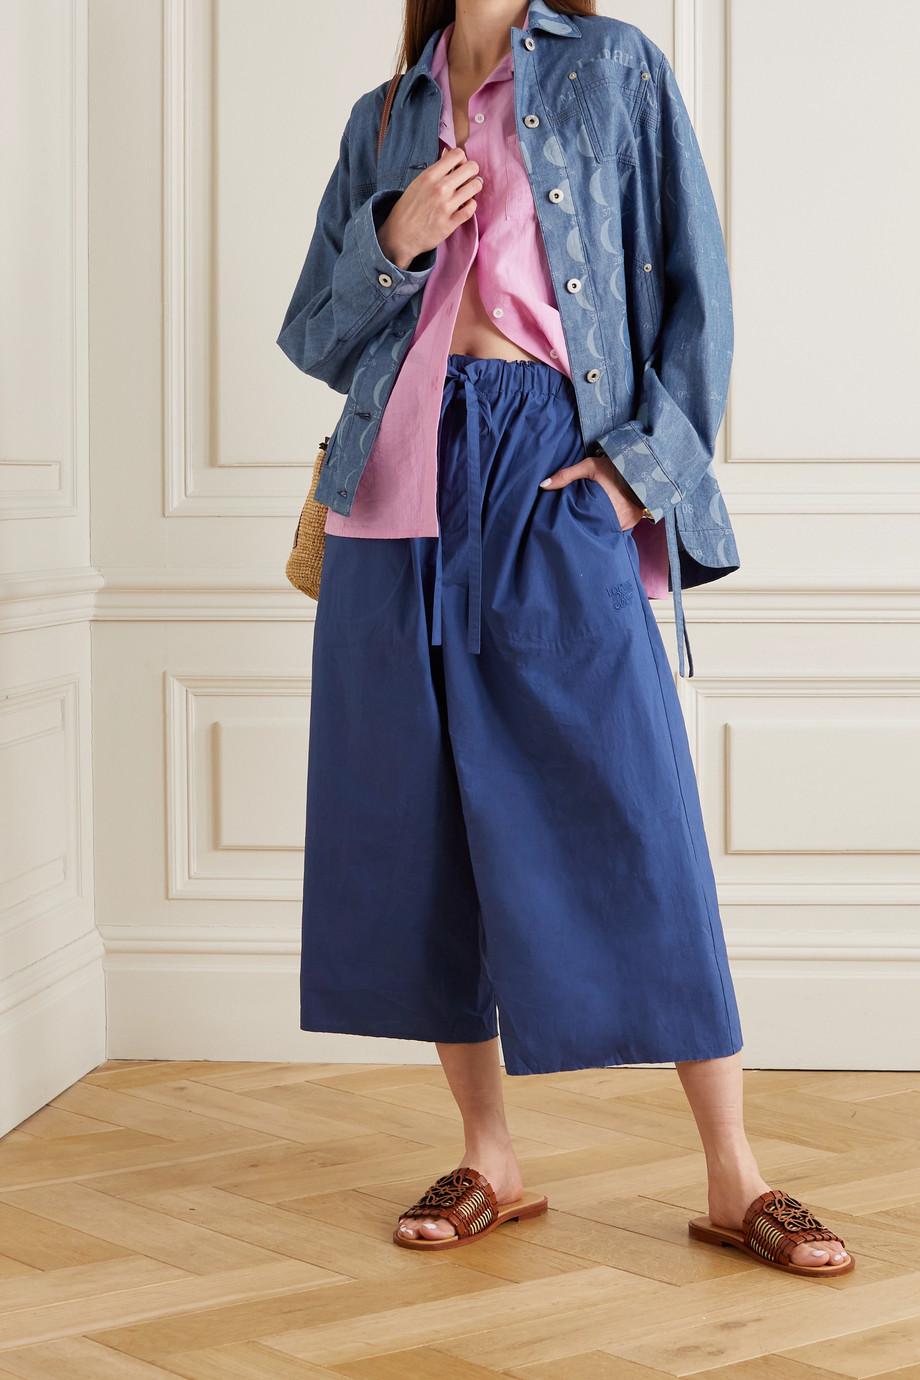 Loewe + Paula's Ibiza Jacke aus Baumwoll-Chambray mit Print